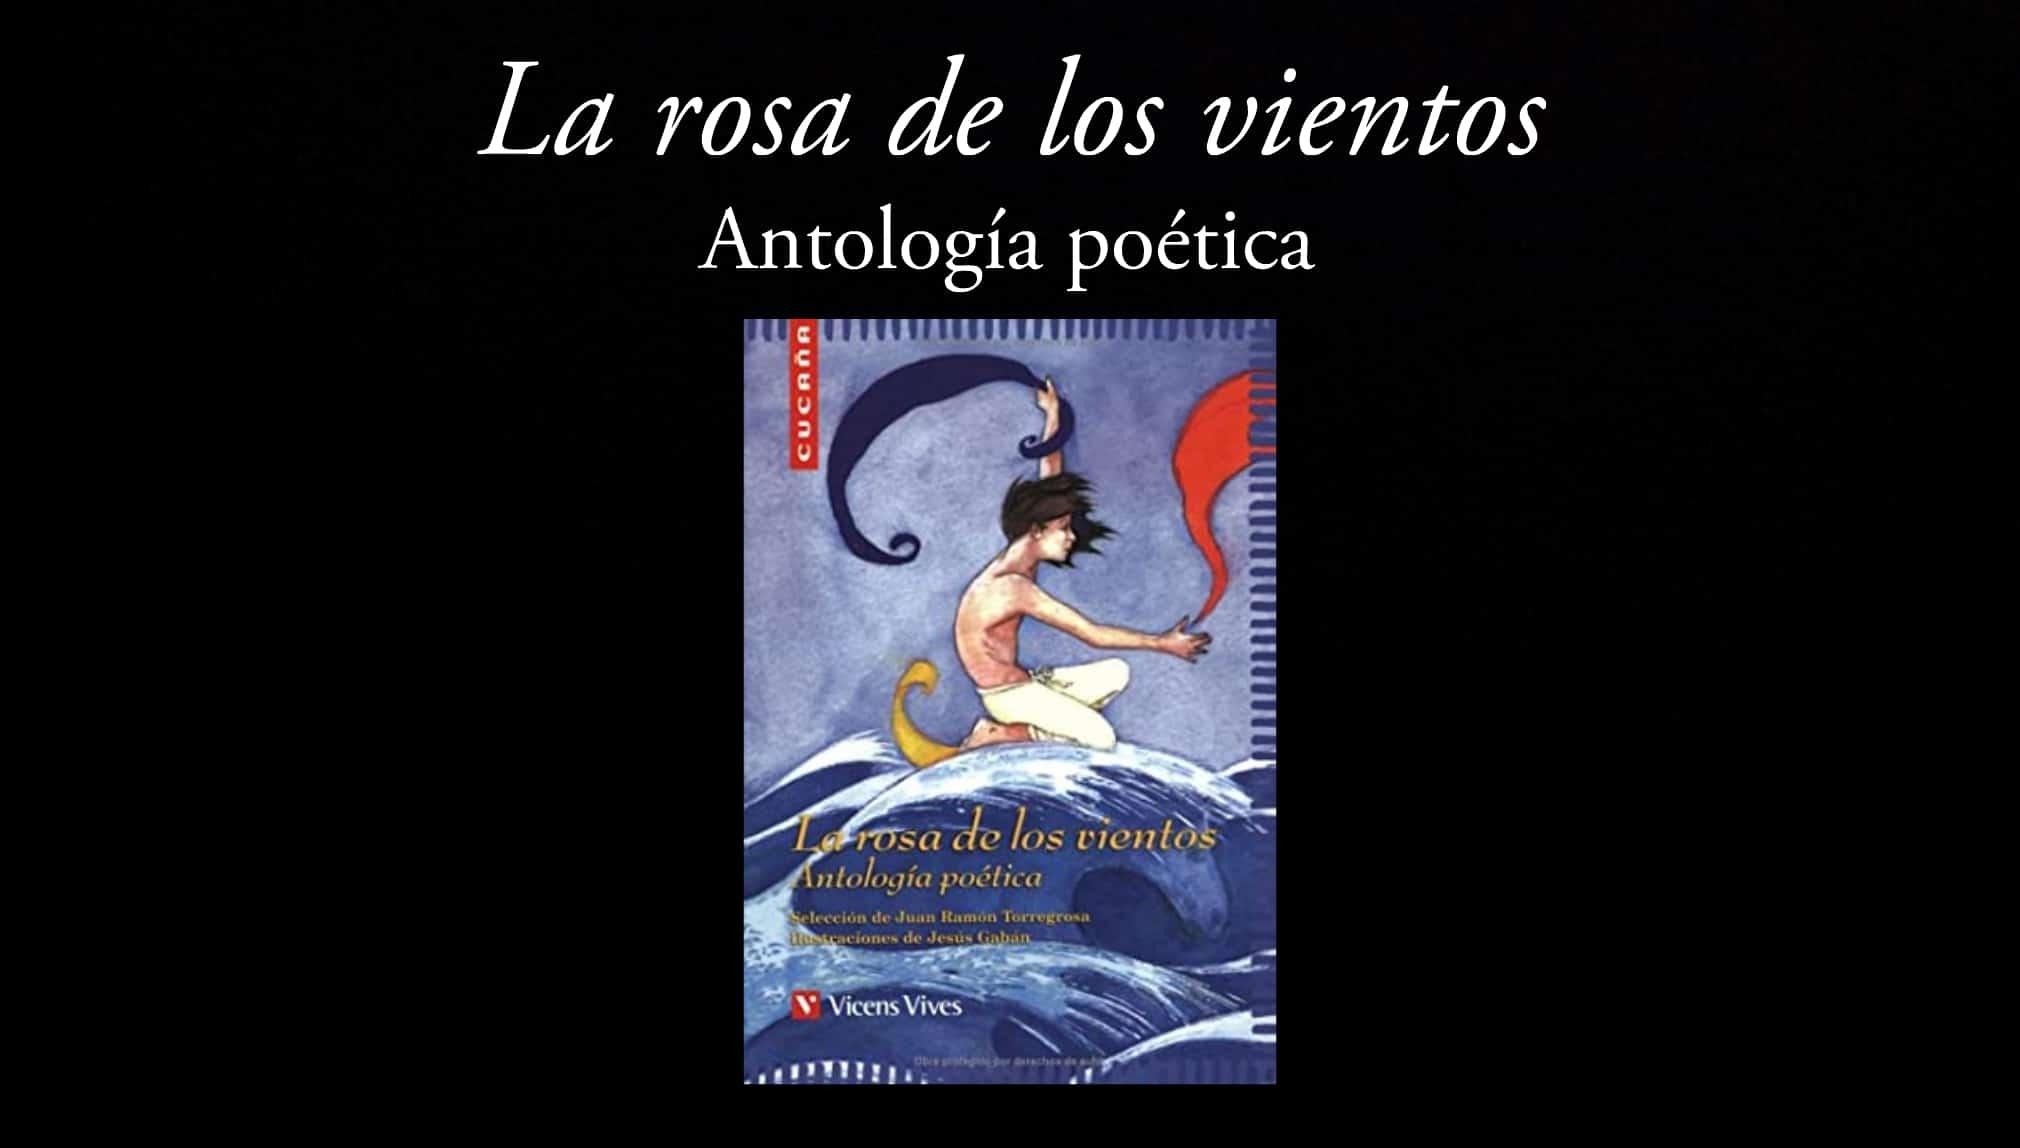 La rosa de los vientos. Antología poética.